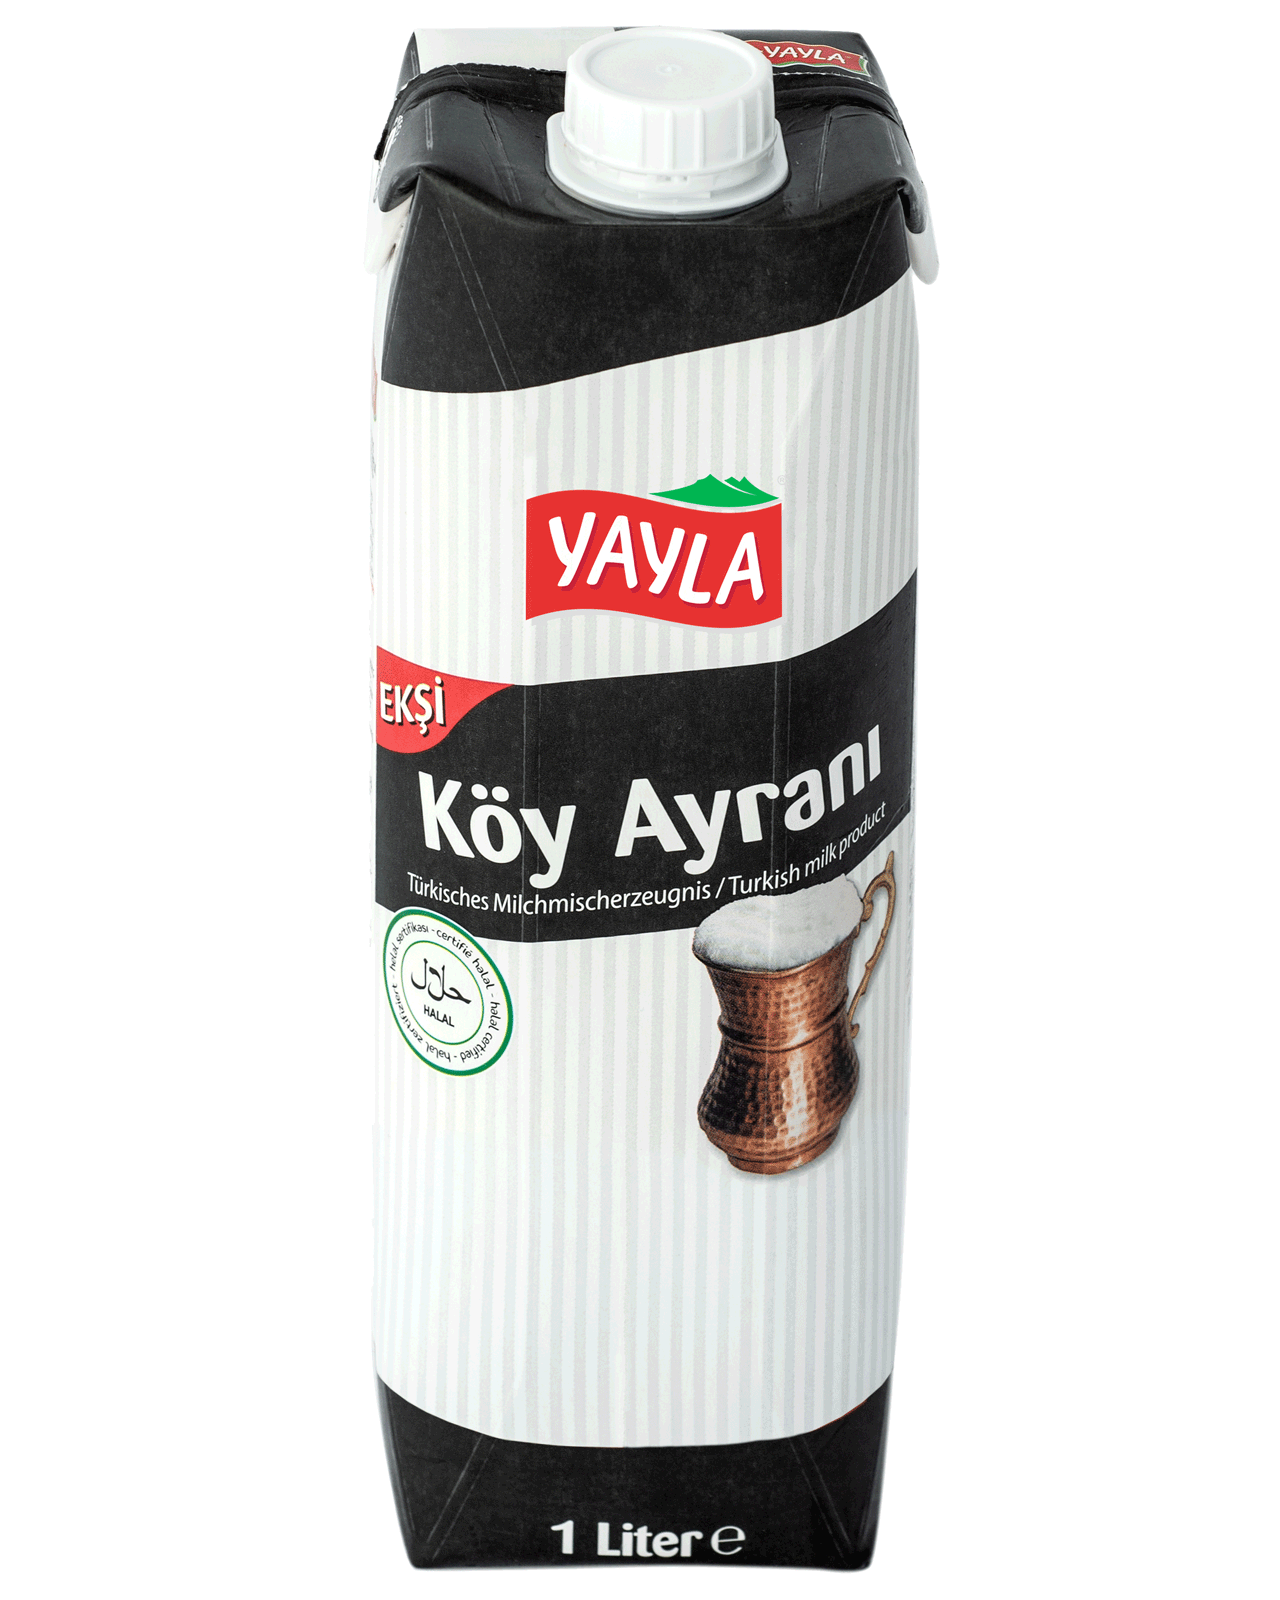 Yayla | KÖY AYRANI - Erfrischungsgetränk aus Trinksauermilch nach türkischer Art